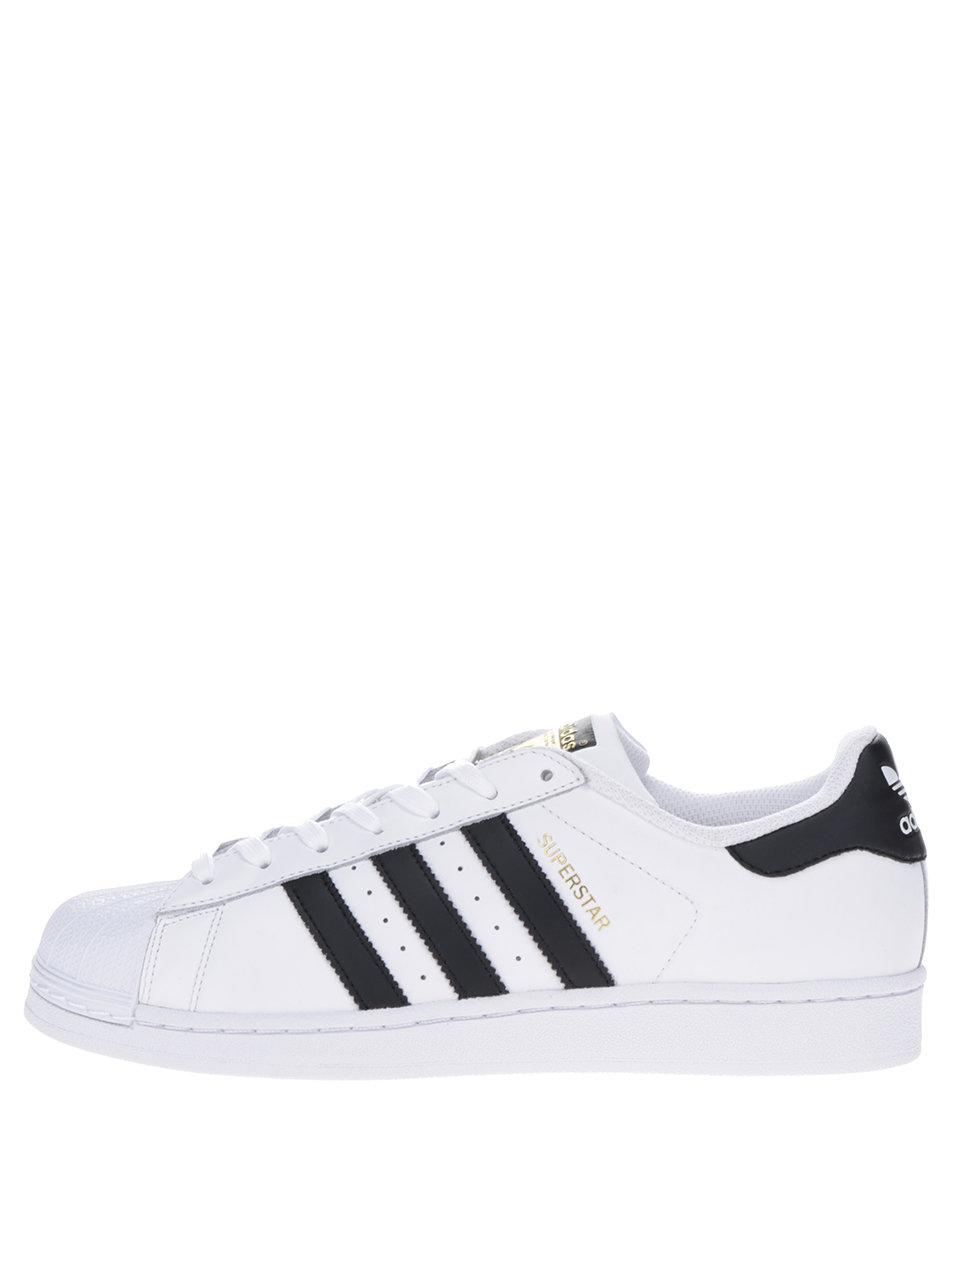 Bílé kožené tenisky adidas Originals Superstar ... f5690399f9a